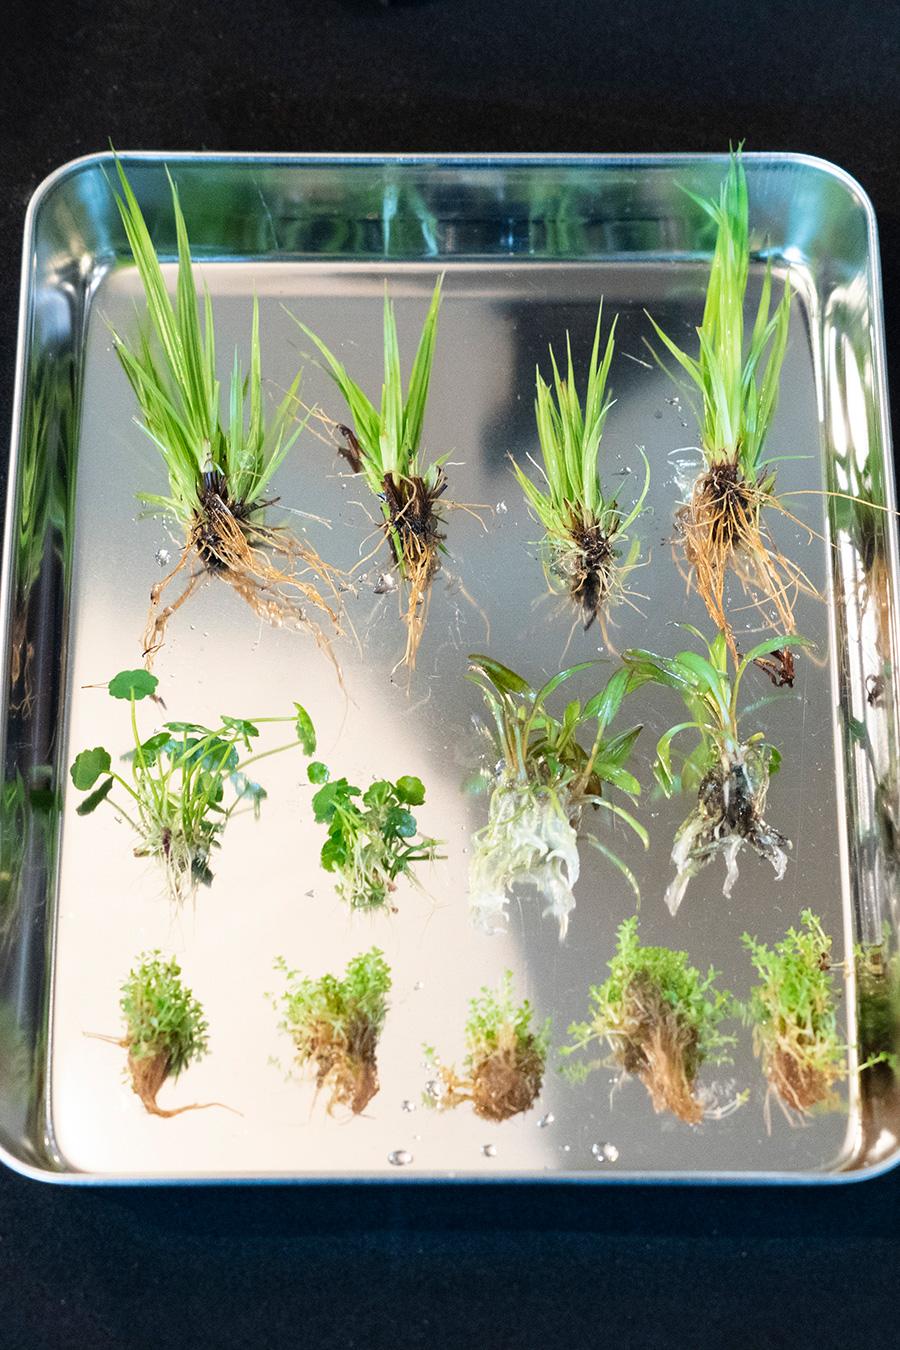 今回使った水草。上・シペルス、中央左・ピグミーマッシュルーム、中央右・クリプトコリネ、下・キューバパールグラス。